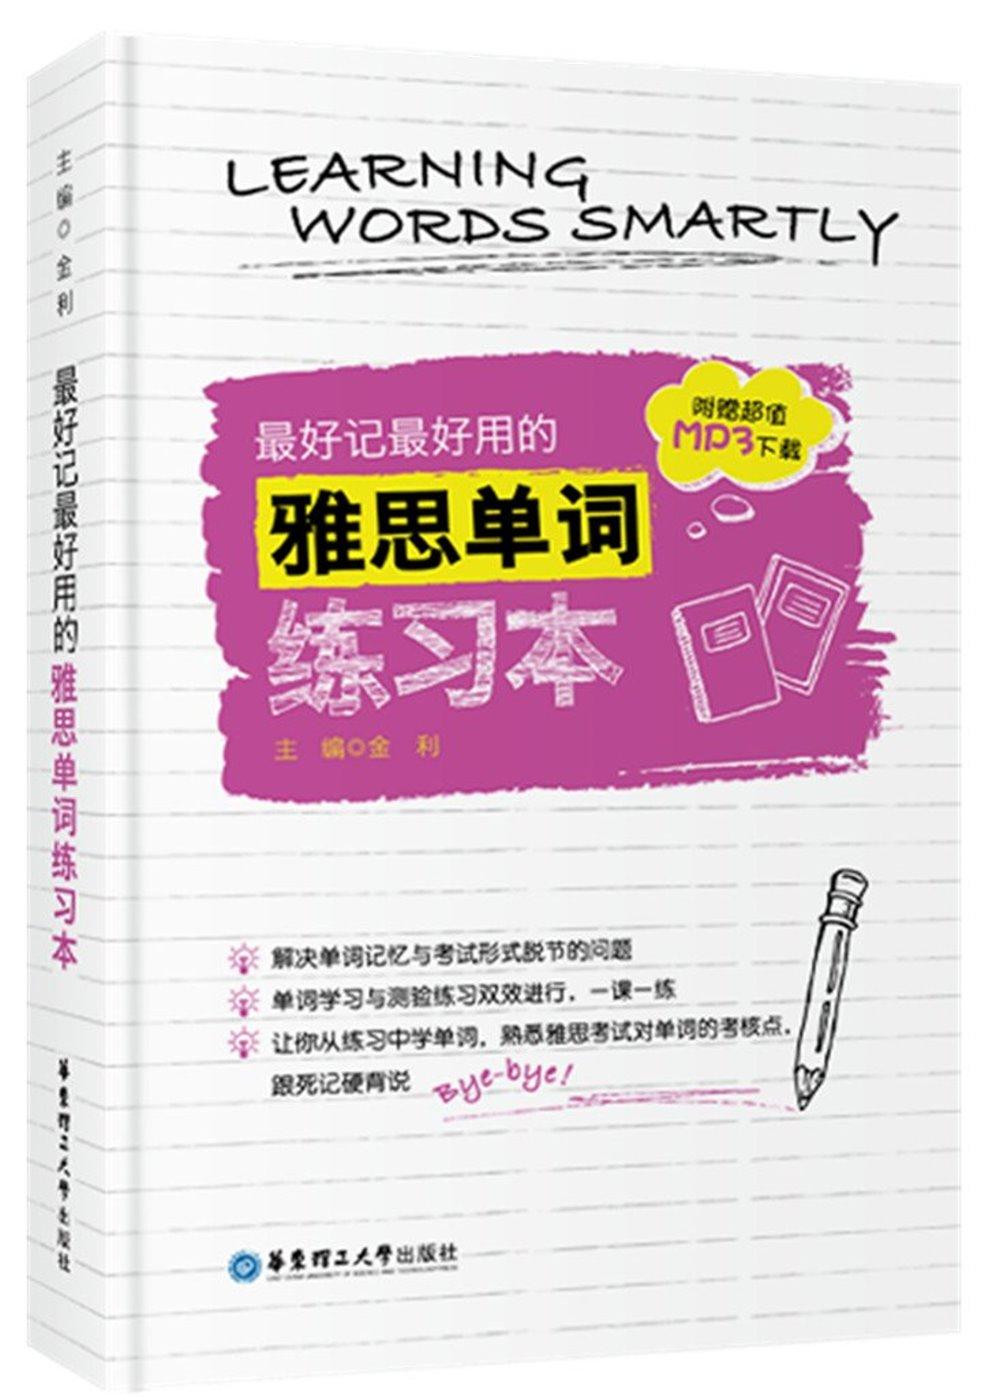 最好記最好用的雅思單詞練習本